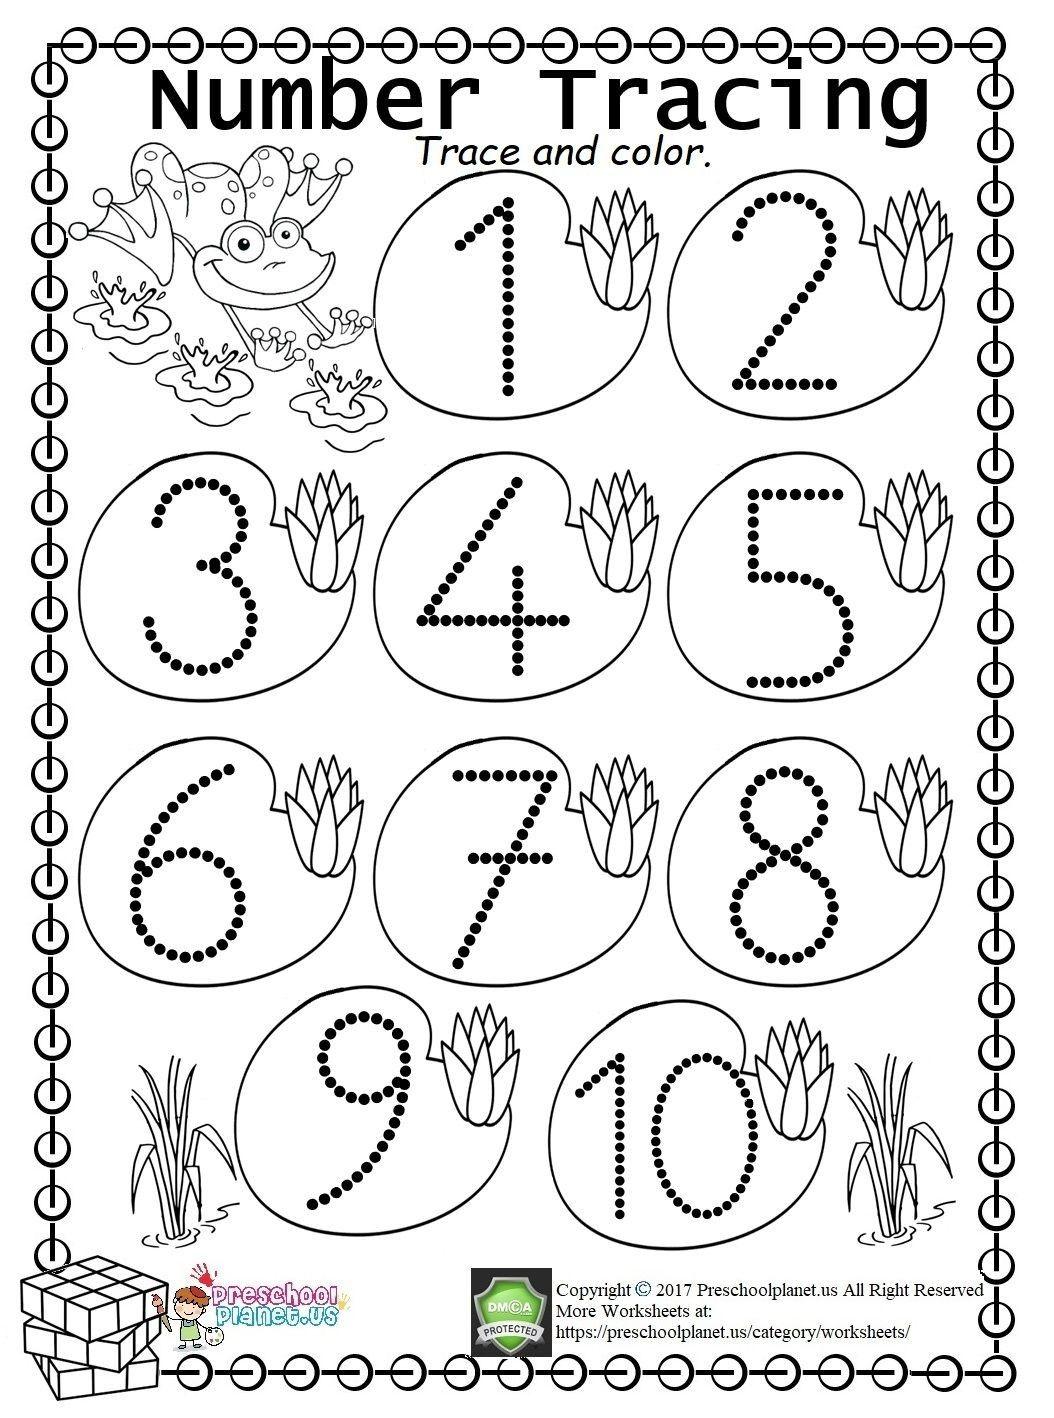 3 Worksheet Free Preschool Kindergarten Worksheets Numbers Numbers 1 10 One 1 Easy Number Tra Number Tracing Numbers Kindergarten Kindergarten Worksheets [ 1418 x 1054 Pixel ]